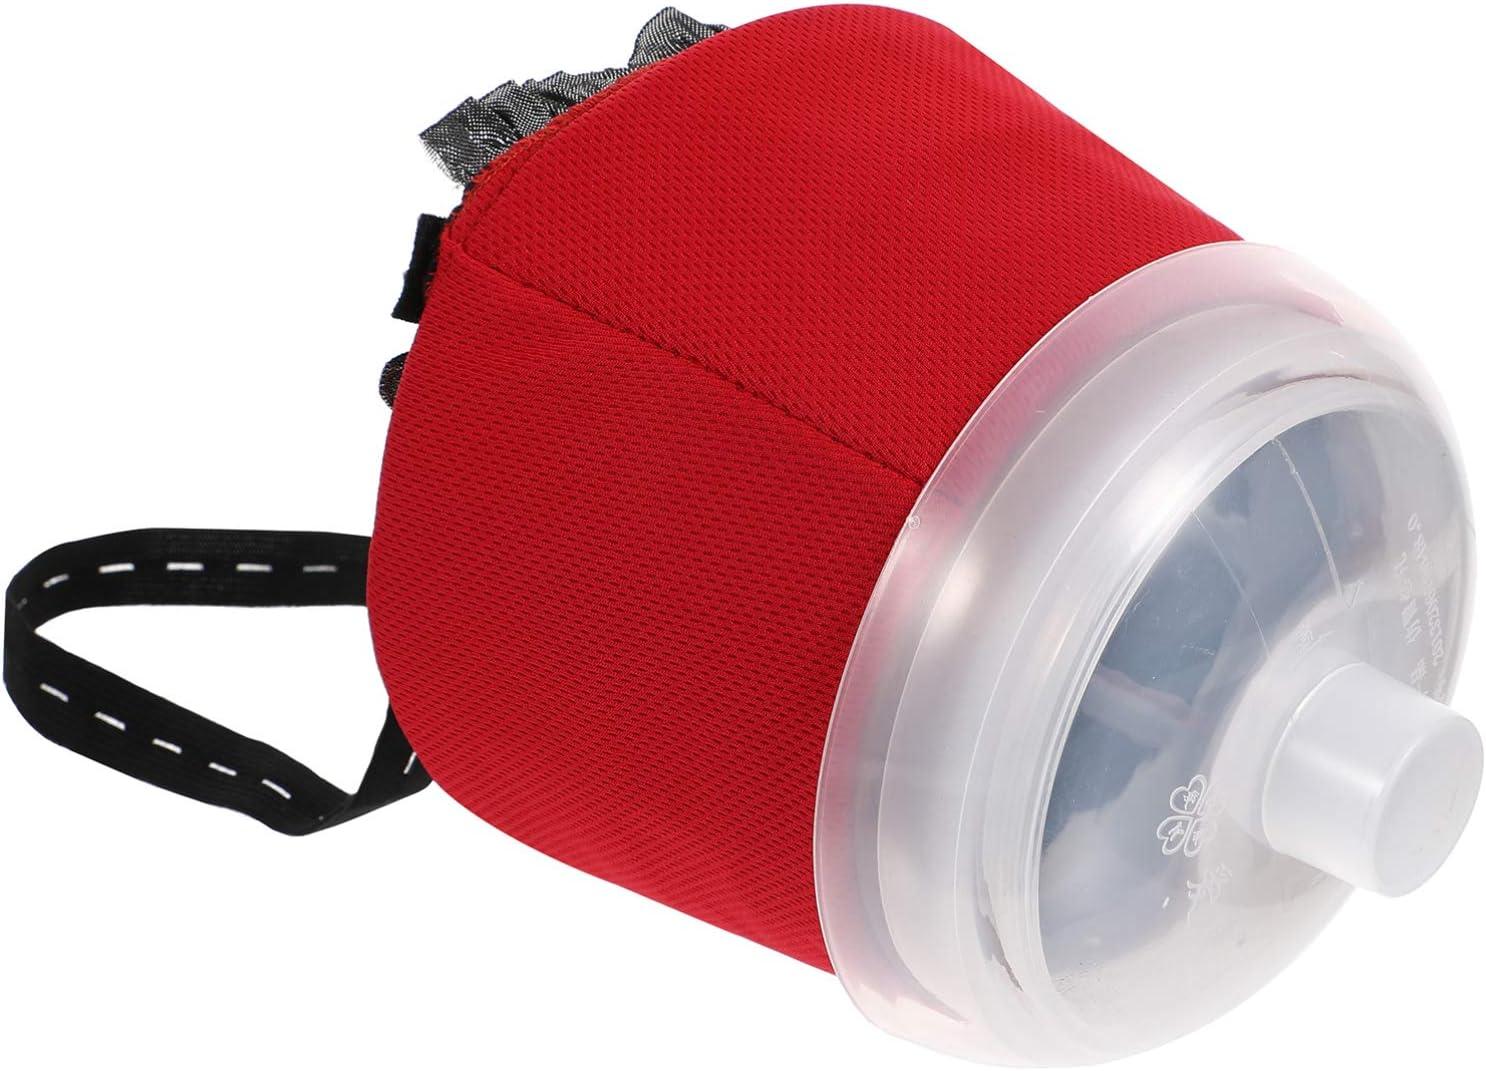 HEALLILY Moxibustión Cubierta de Humo Filtro Moxibustión Quemador Titular Purificador de Aire Chino Moxa Cubierta para Moxibustión Conos de Moxa